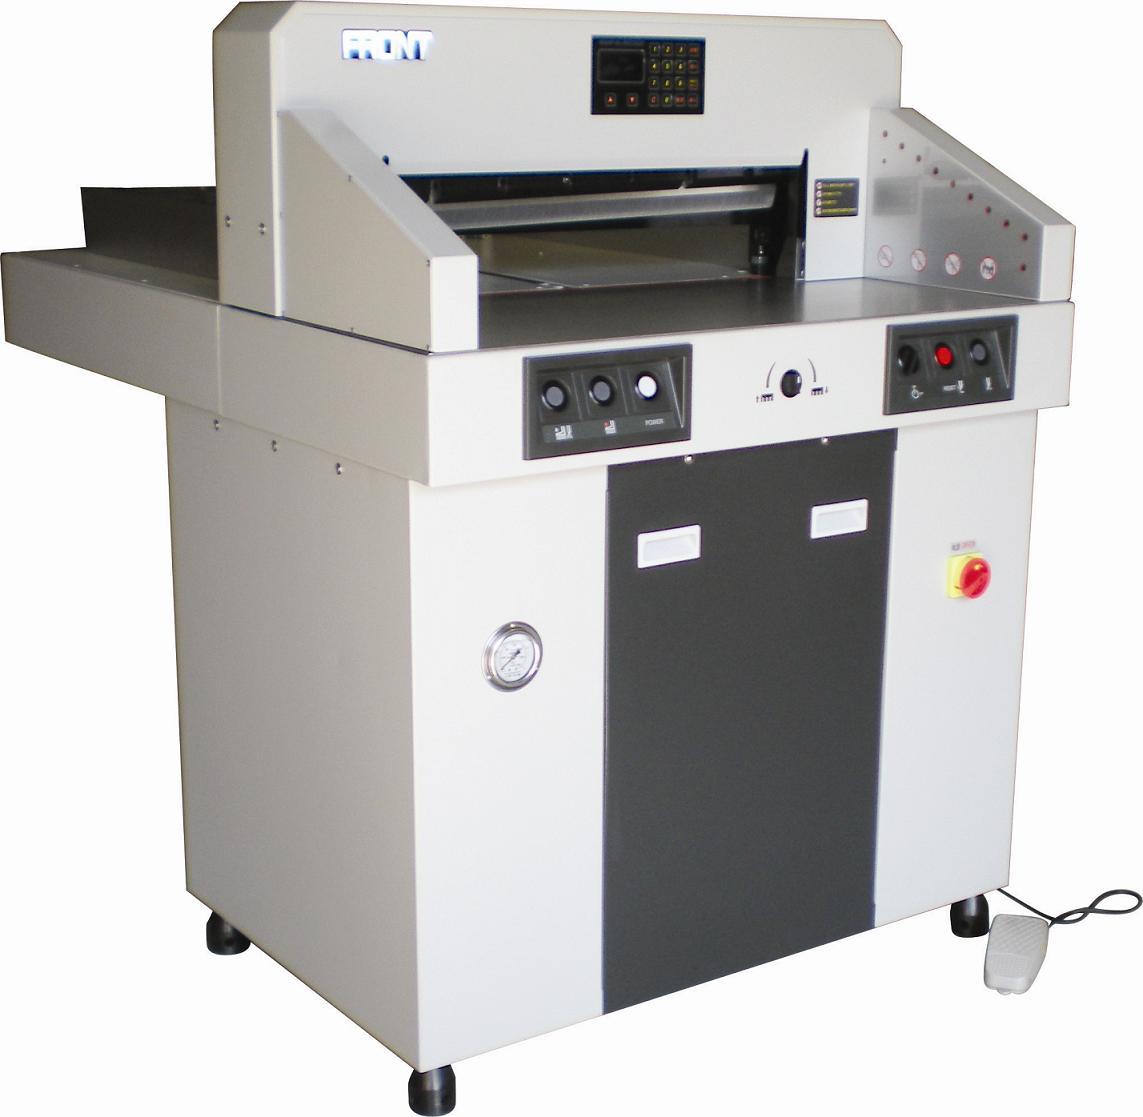 裁纸机图片 裁纸机样板图 液压数控裁纸机 瀛和电子设备有...